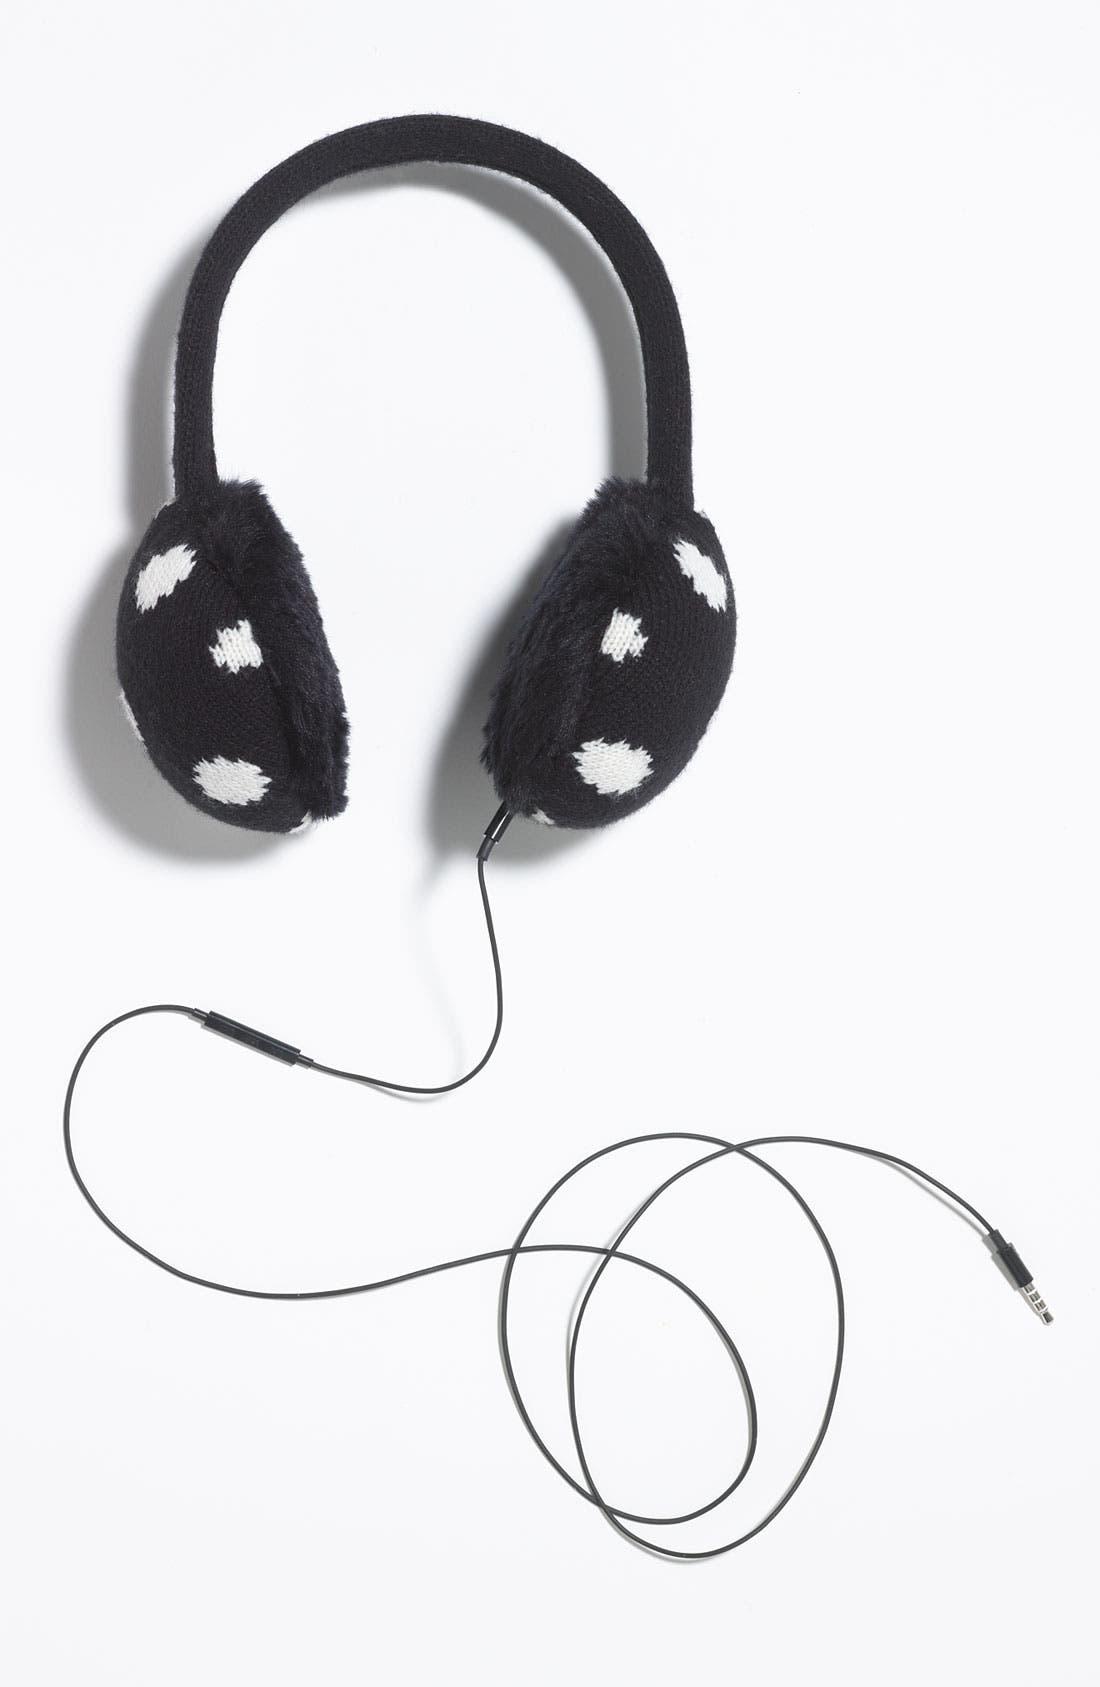 KATE SPADE NEW YORK,                             'spotty' tech earmuffs,                             Alternate thumbnail 3, color,                             001